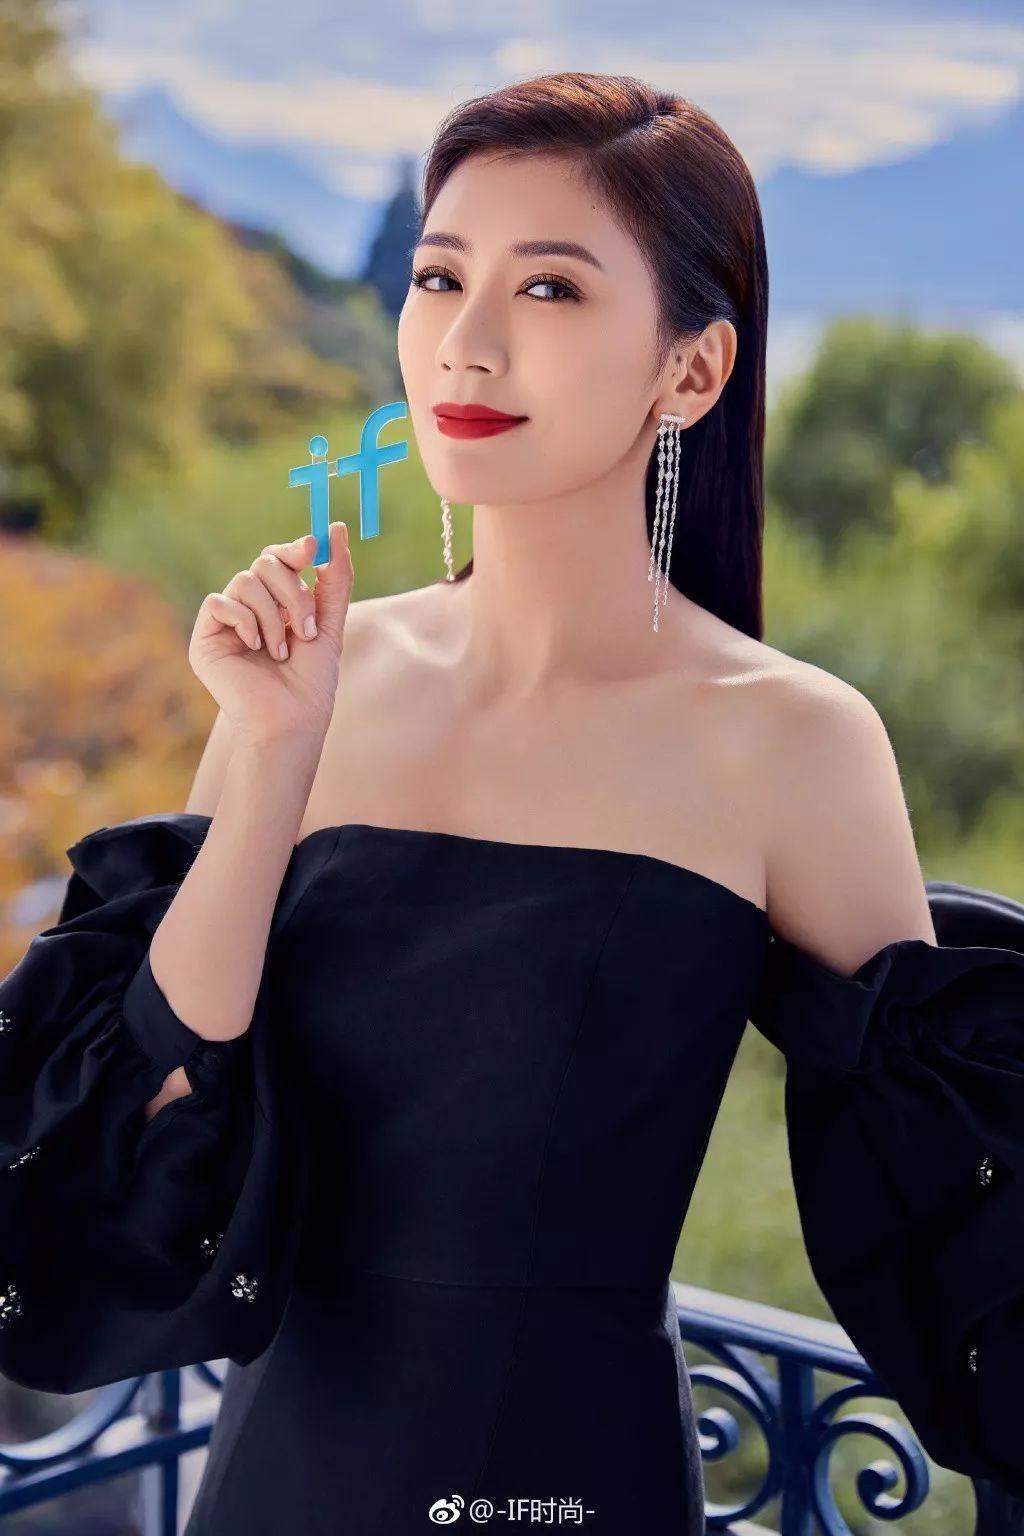 Cuộc sống làm dâu của sao nữ châu Á lấy nhà tài phiệt lừng danh: Đầy thị phi, đáng bội phục nhất là người cuối - Ảnh 6.